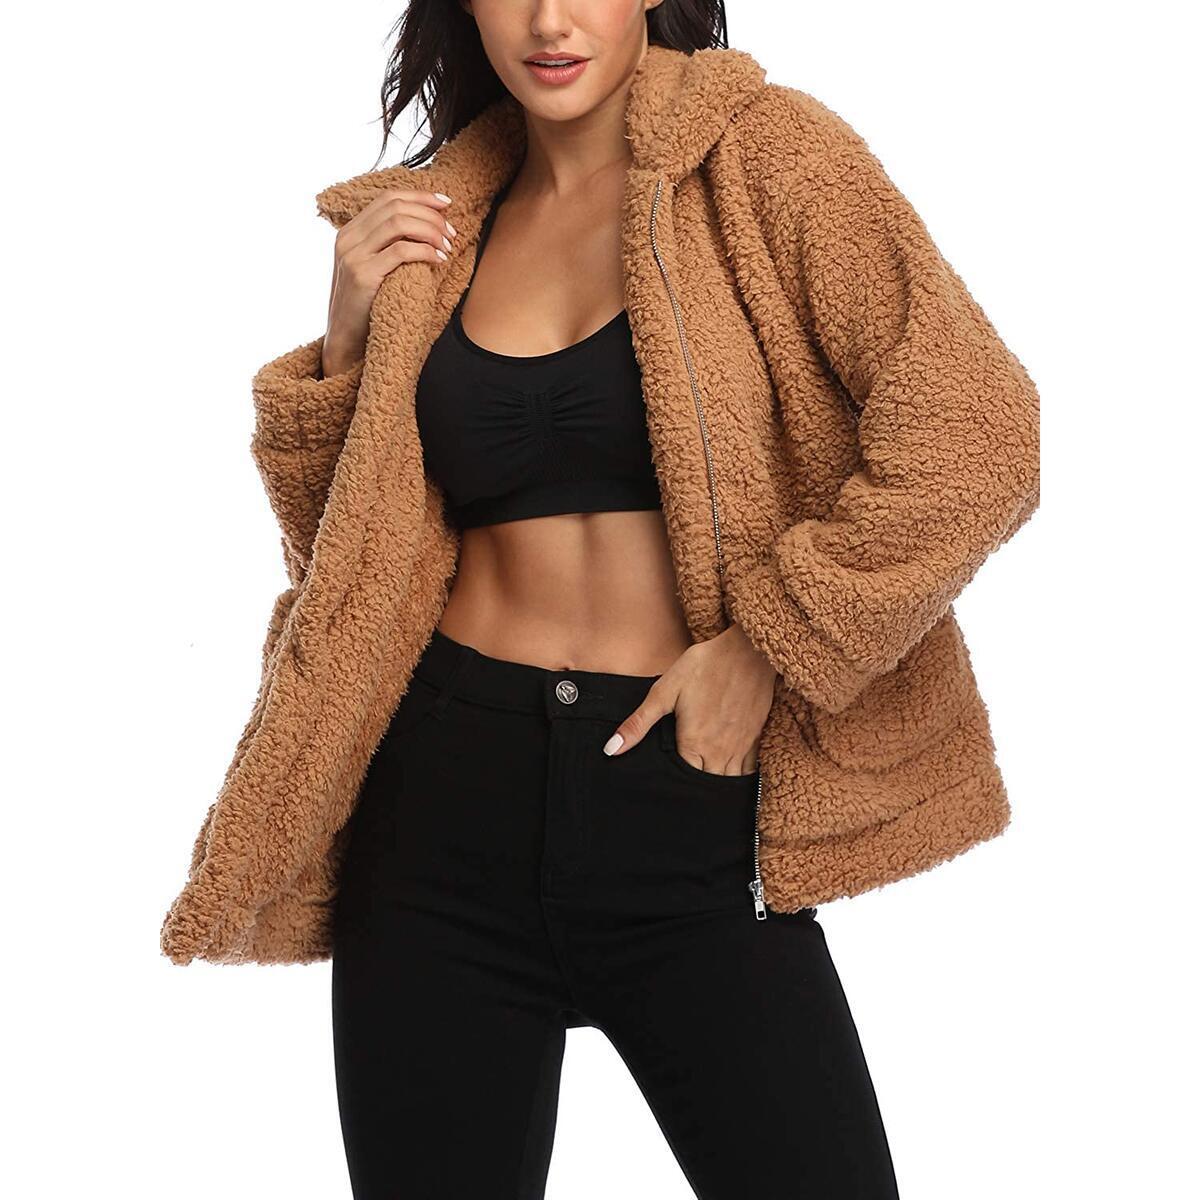 EZIGO Women's Fuzzy Fleece Sherpa Jacket Coat Warm Winter Faux Fur Shearling Jacket Coat with Pocket